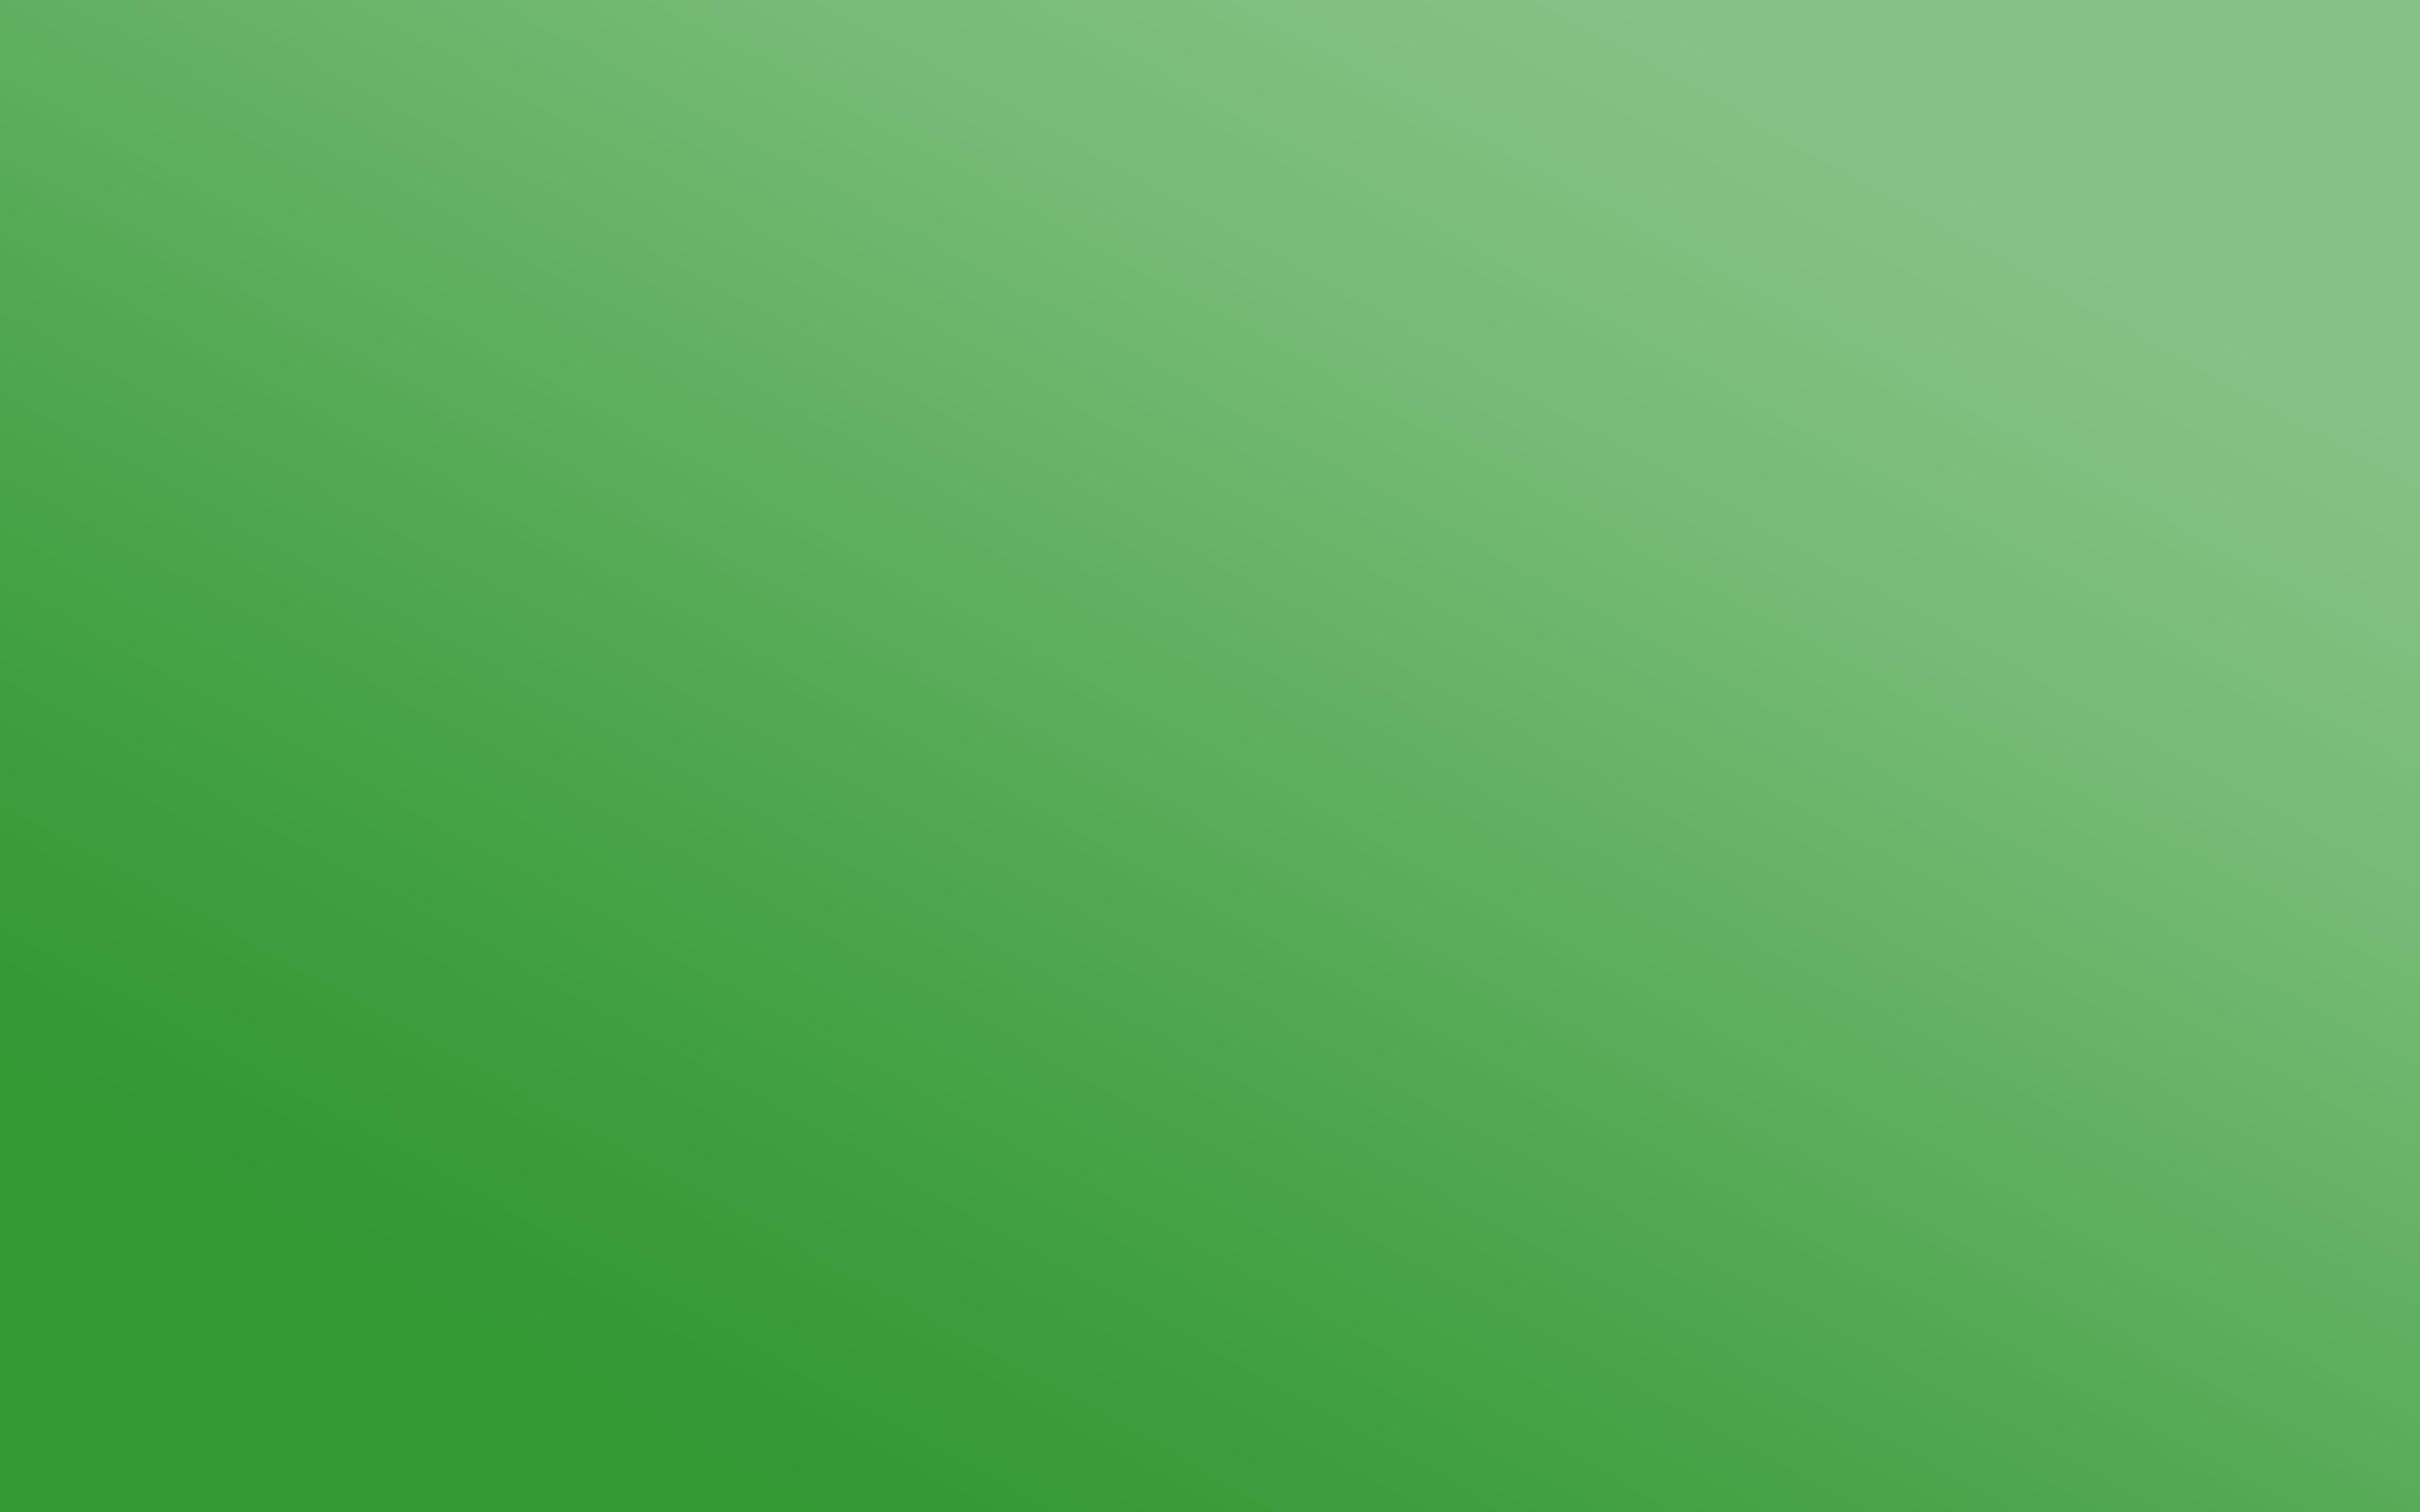 Green 27784 2560x1600 Px Hdwallsource Com